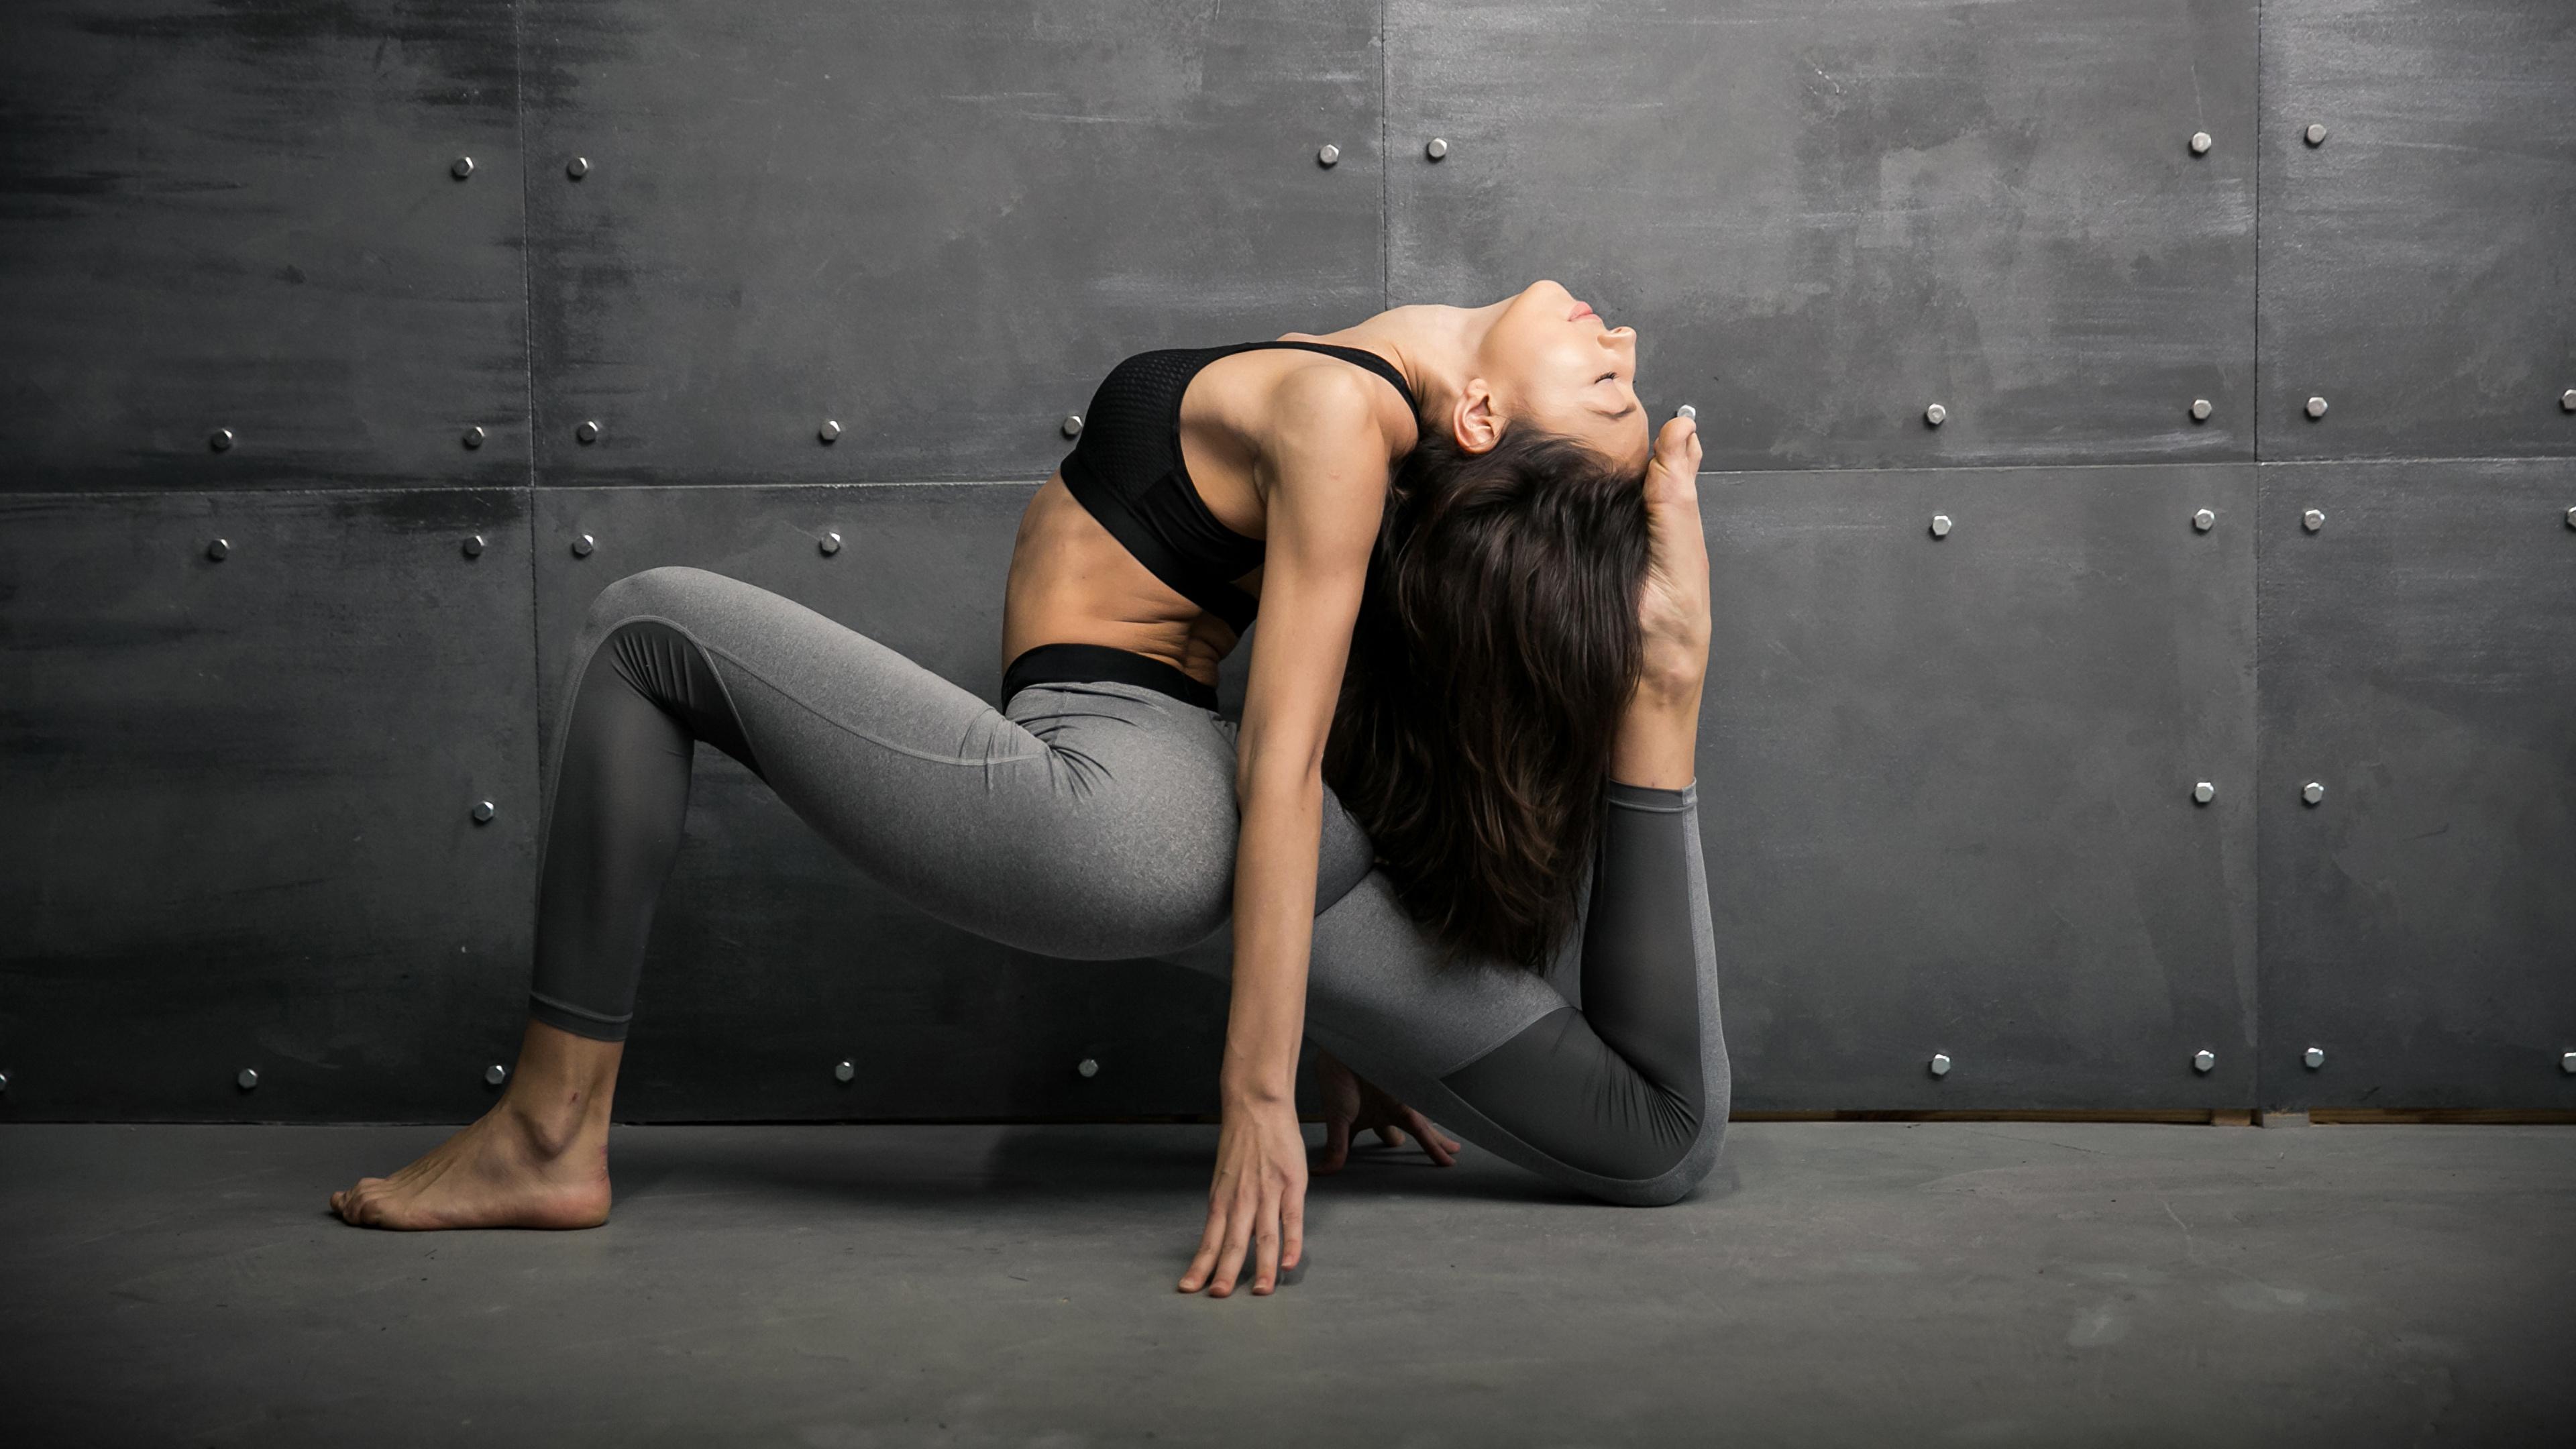 Фотографии брюнеток Тренировка Фитнес Девушки спортивные Гимнастика ног рука стены 3840x2160 Брюнетка брюнетки тренируется физическое упражнение Спорт девушка спортивный спортивная молодые женщины молодая женщина Ноги Руки стене Стена стенка